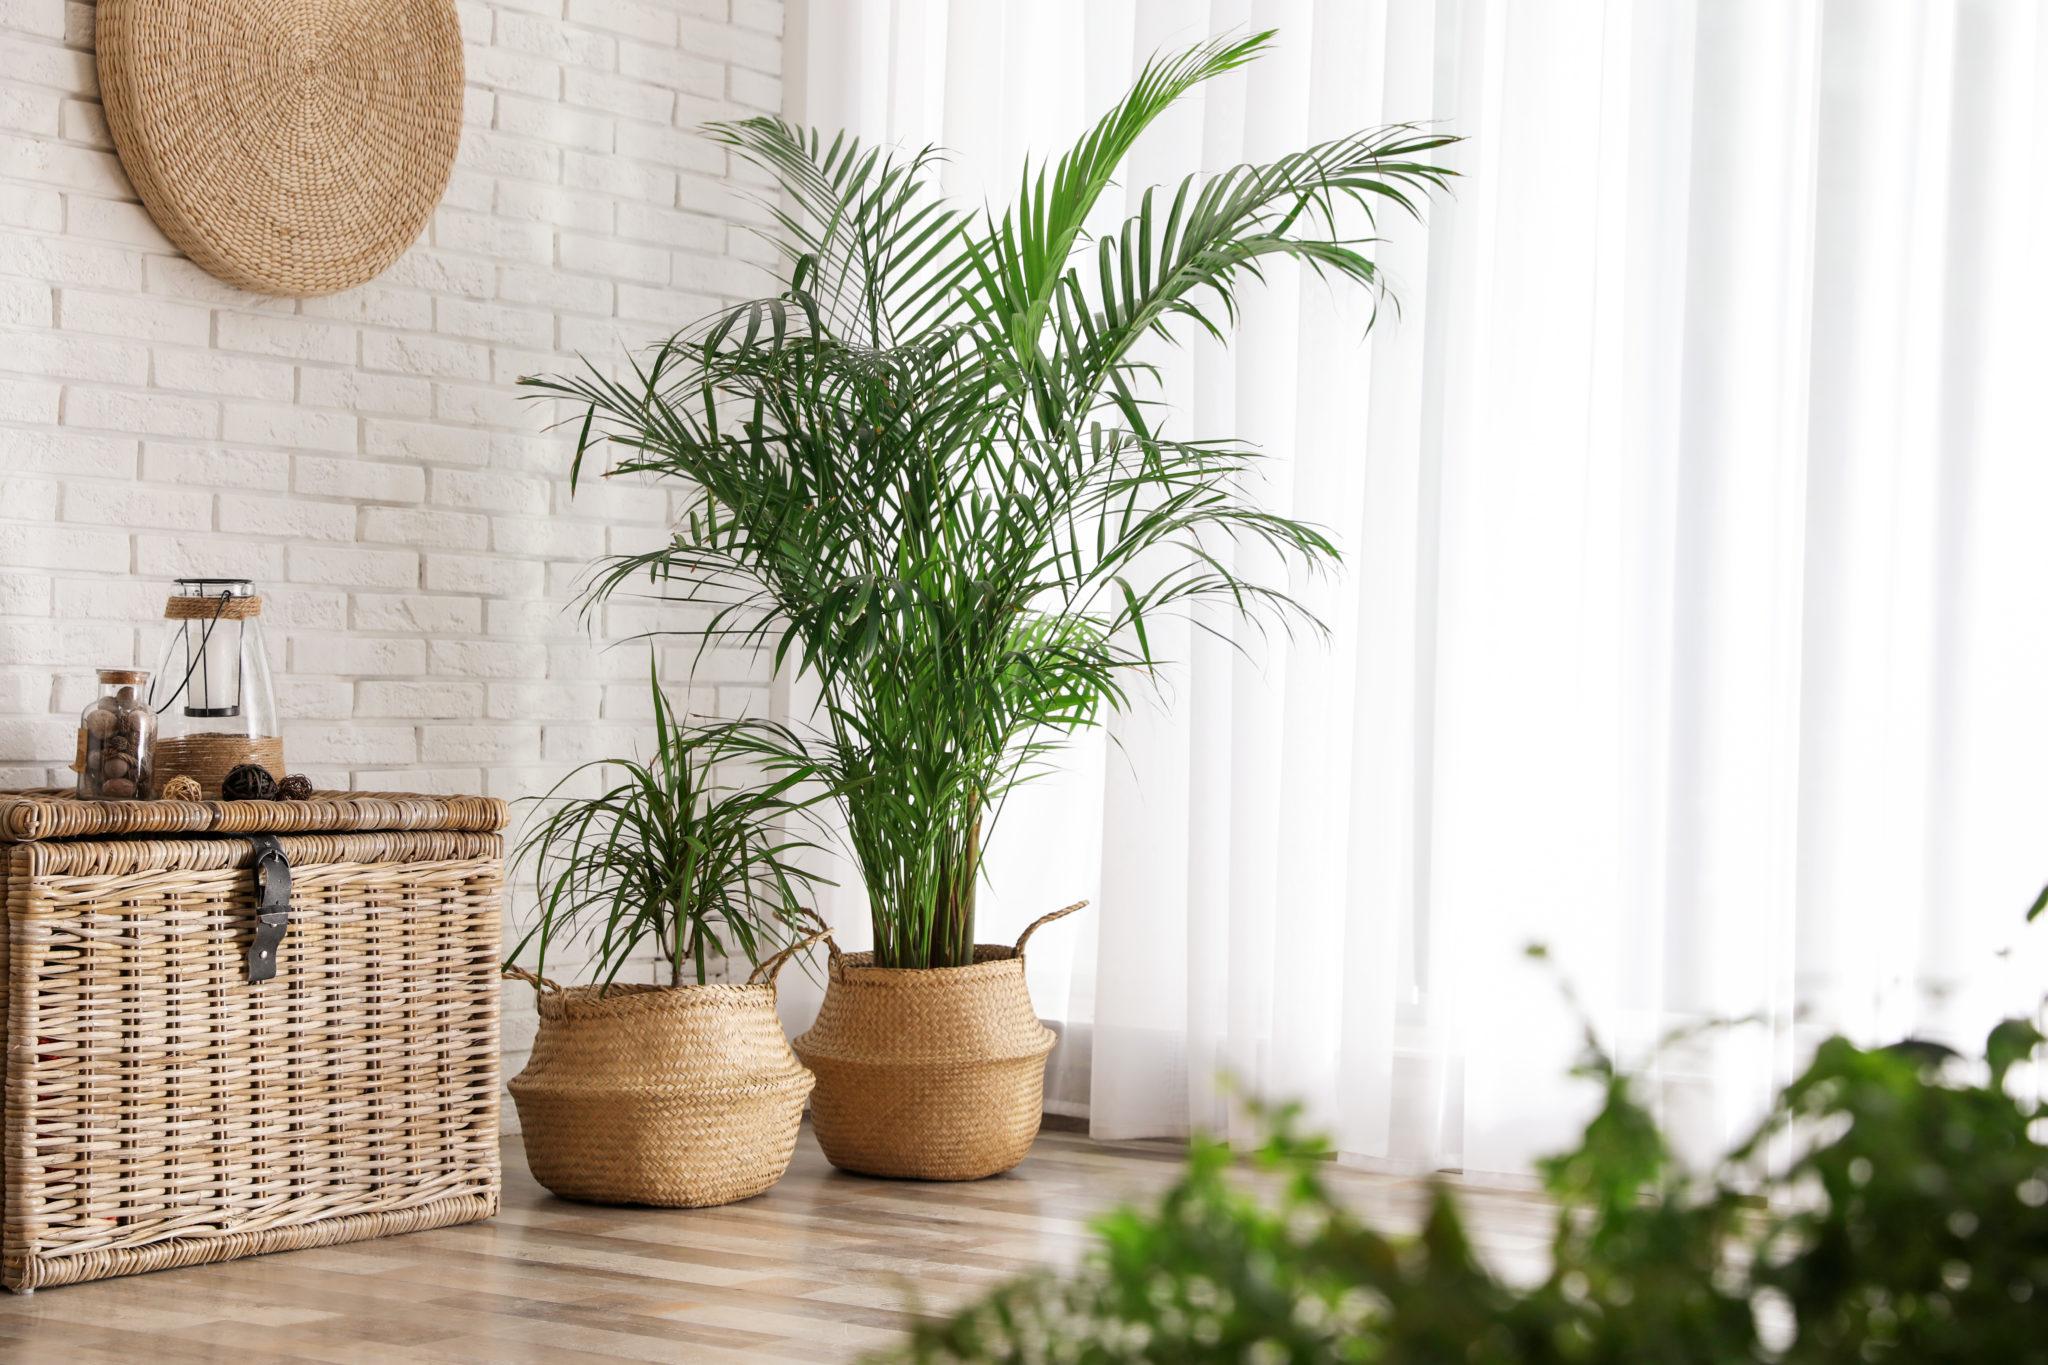 9 Zasad Jak Uprawiac Palmy Pokojowe Bambusowy Sen